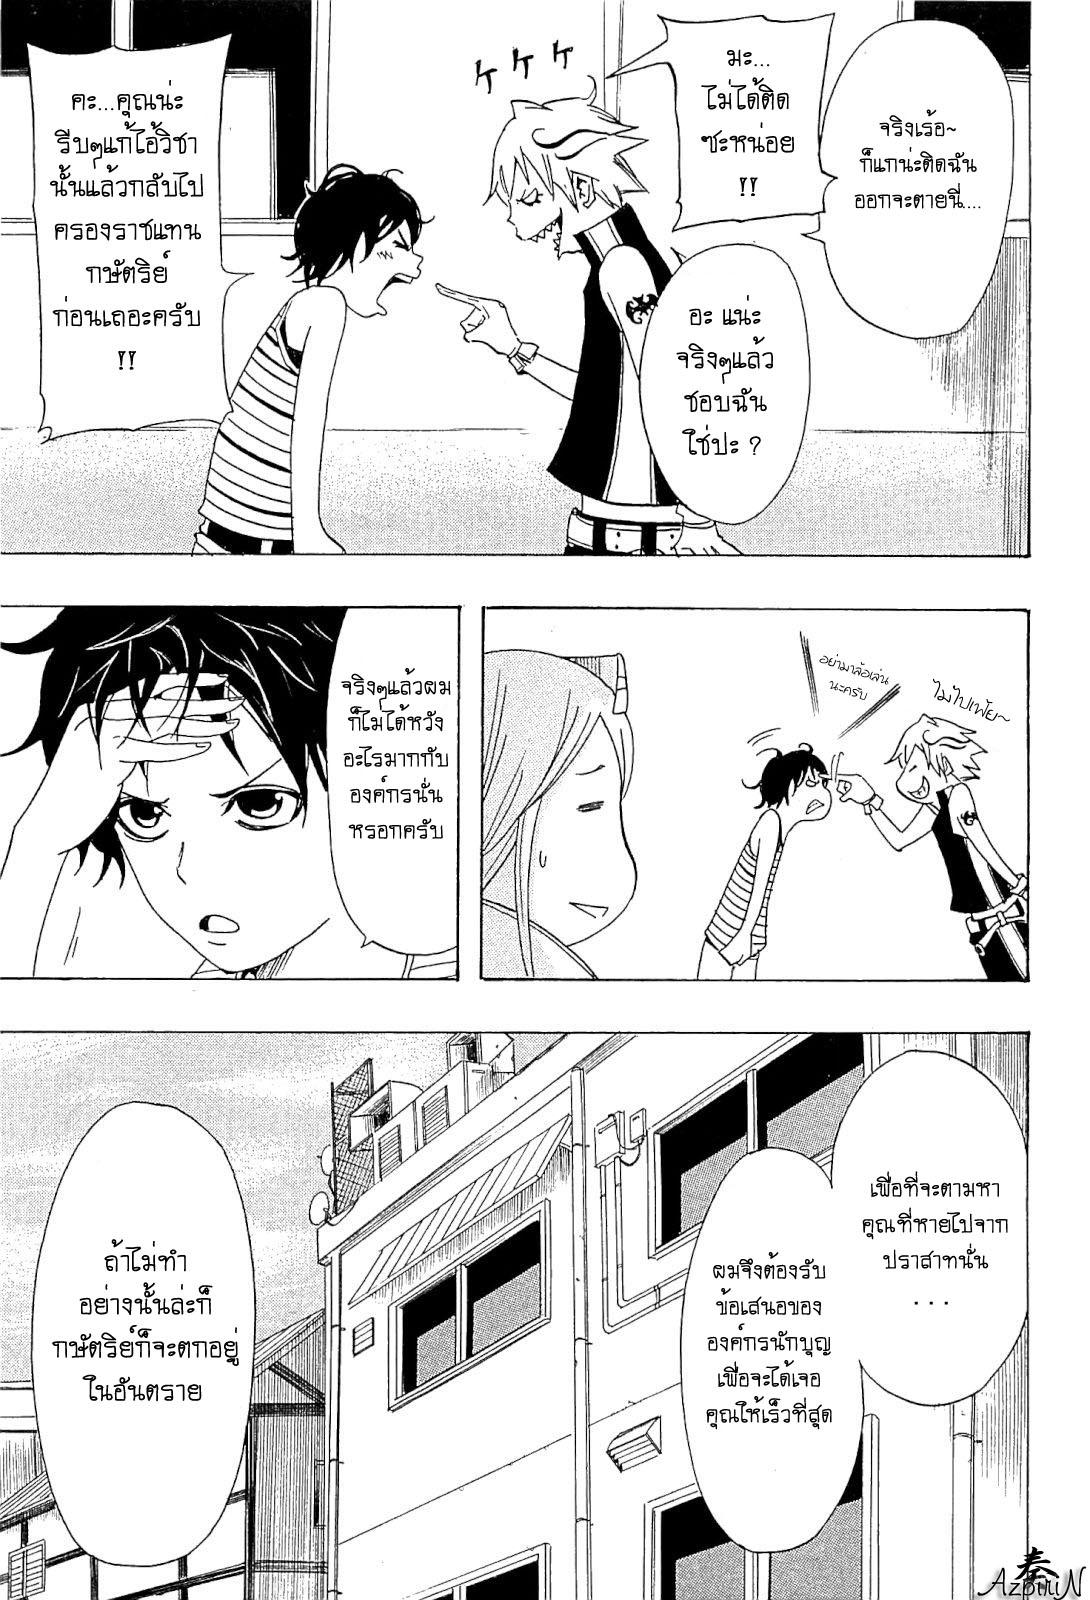 อ่านการ์ตูน Shirumashi Pilgrim 4 ภาพที่ 9